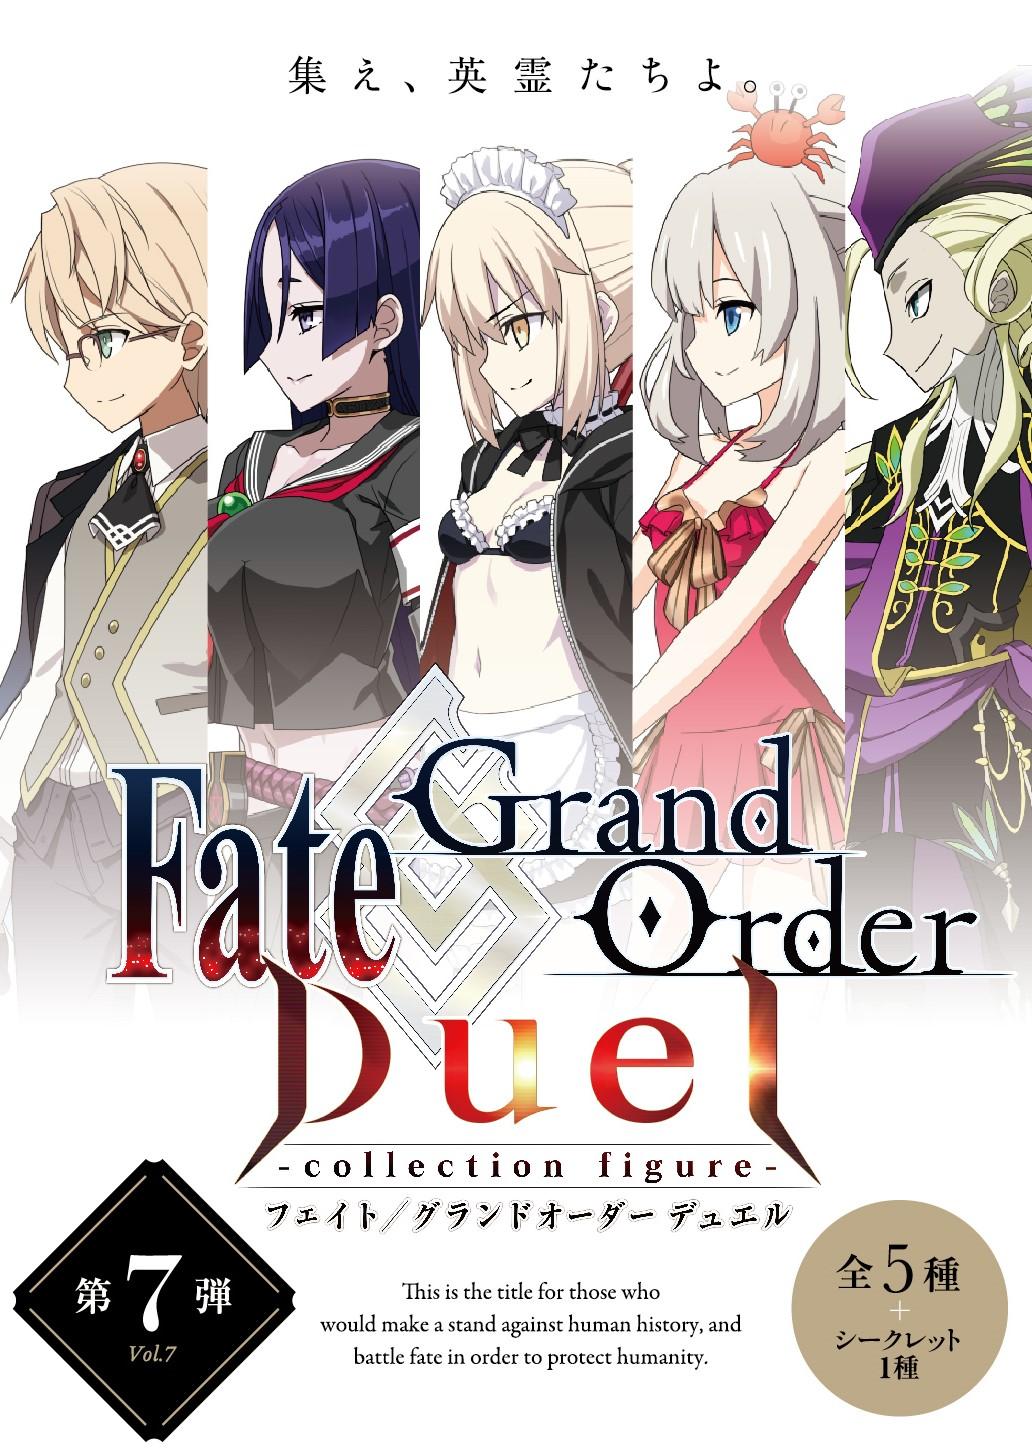 预订!Aniplex Fate FGO 桌面战争 第7弹--6666